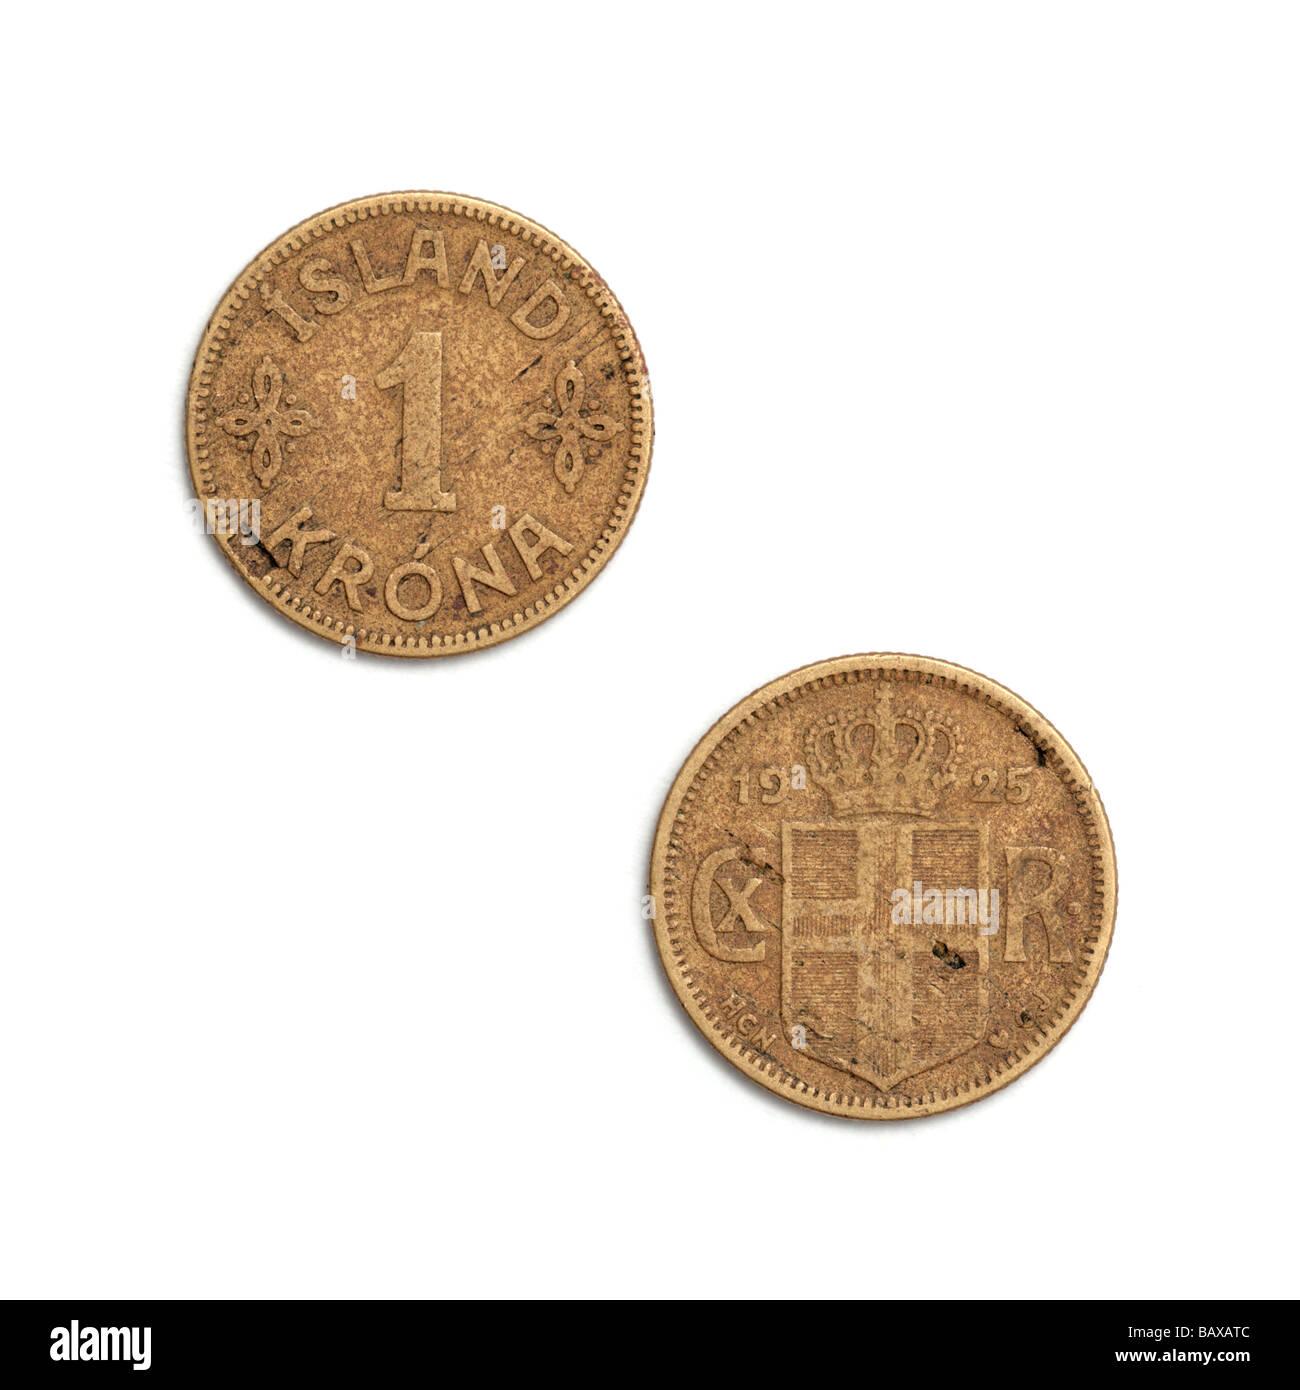 'Iceland krona' - Stock Image